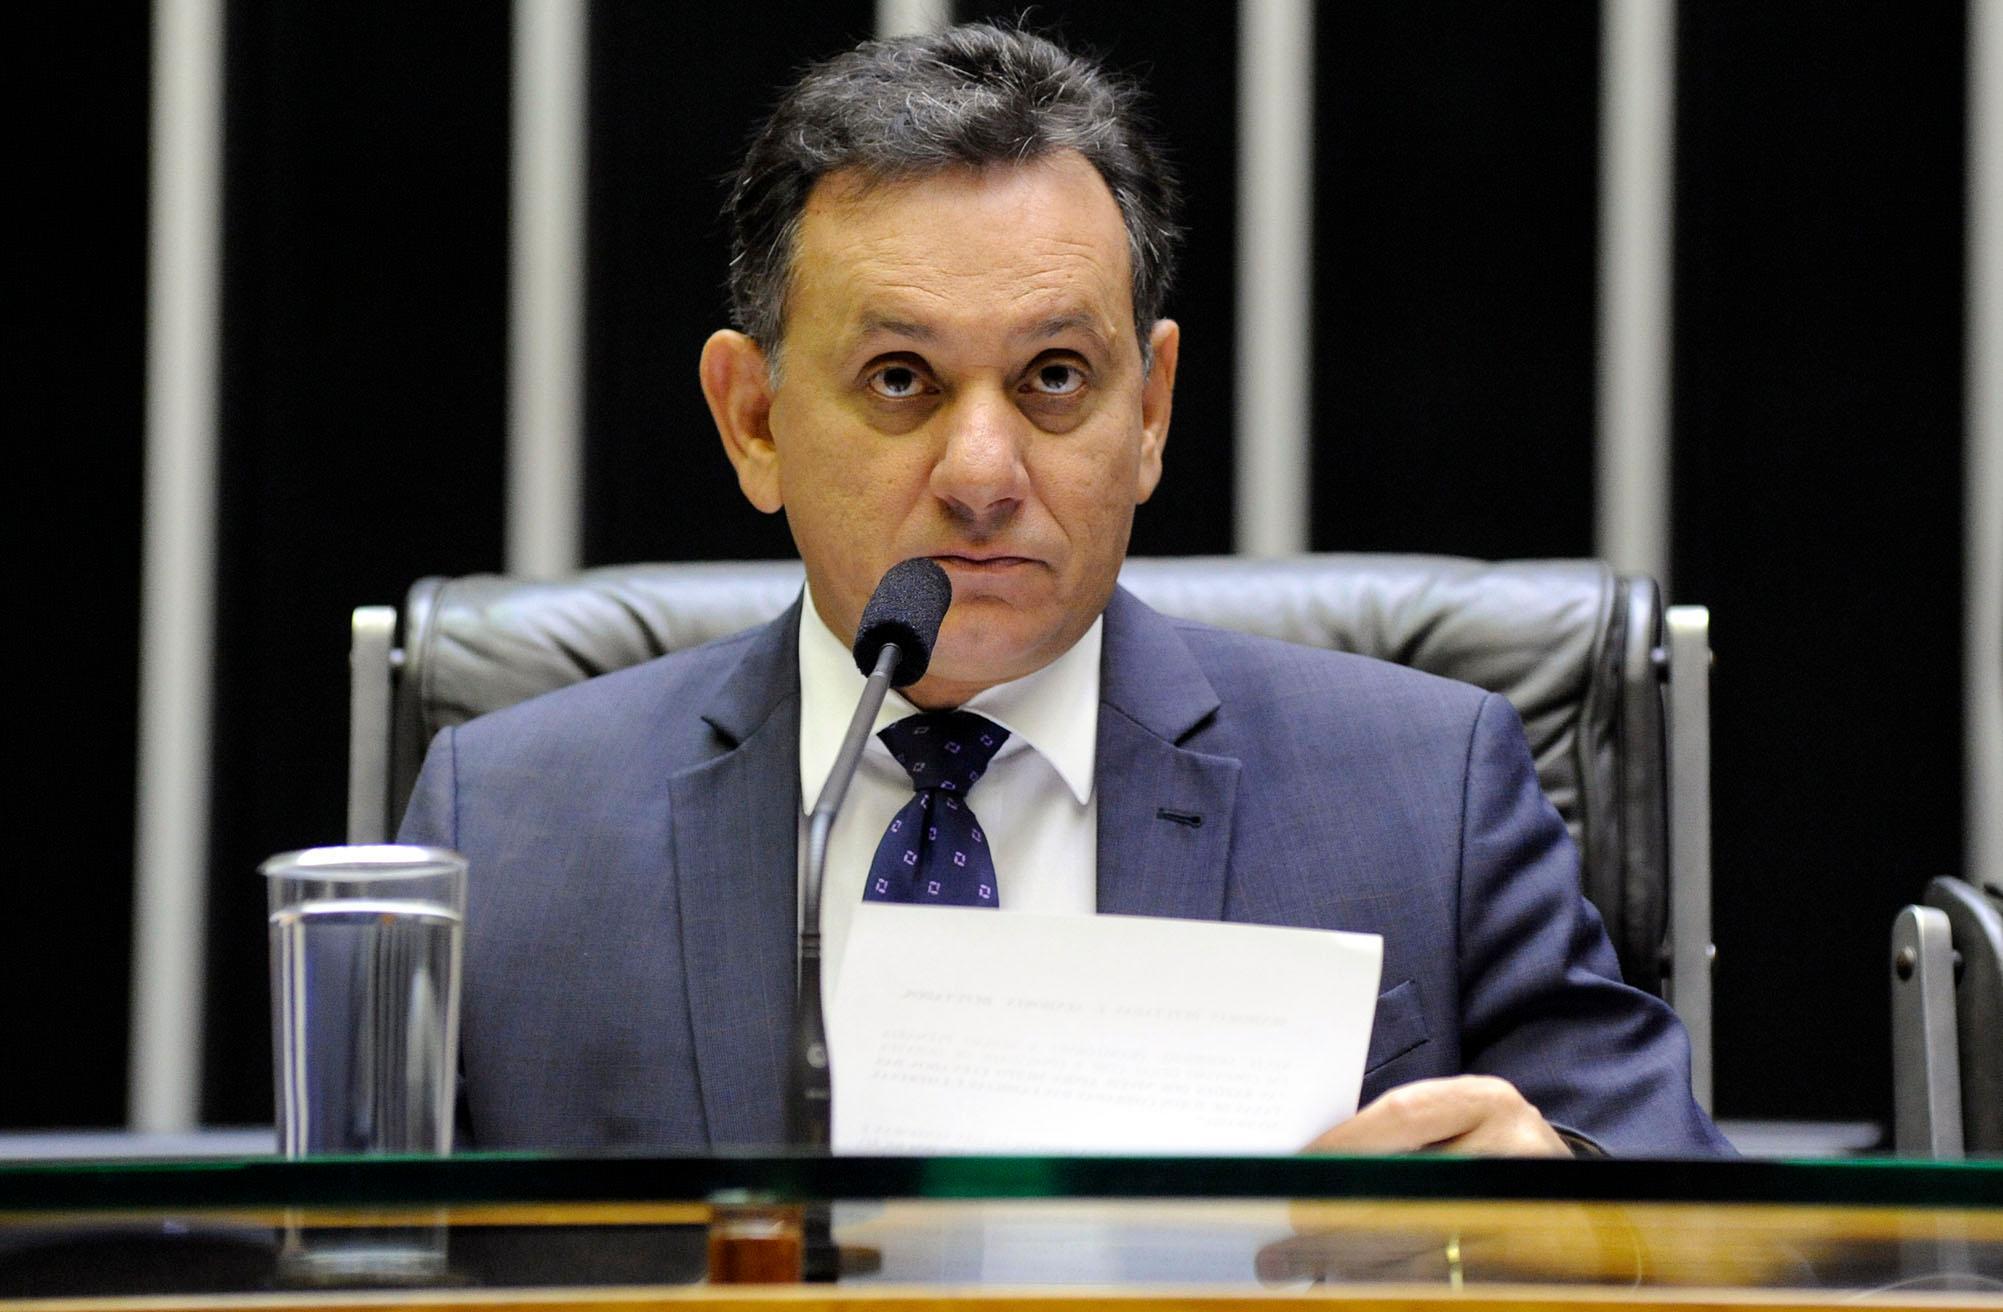 Debate sobre as razões dos níveis ainda muito elevados das taxas de juros cobradas das famílias e empresas no Brasil. Dep. Nilson Leitão (PSDB - MT)